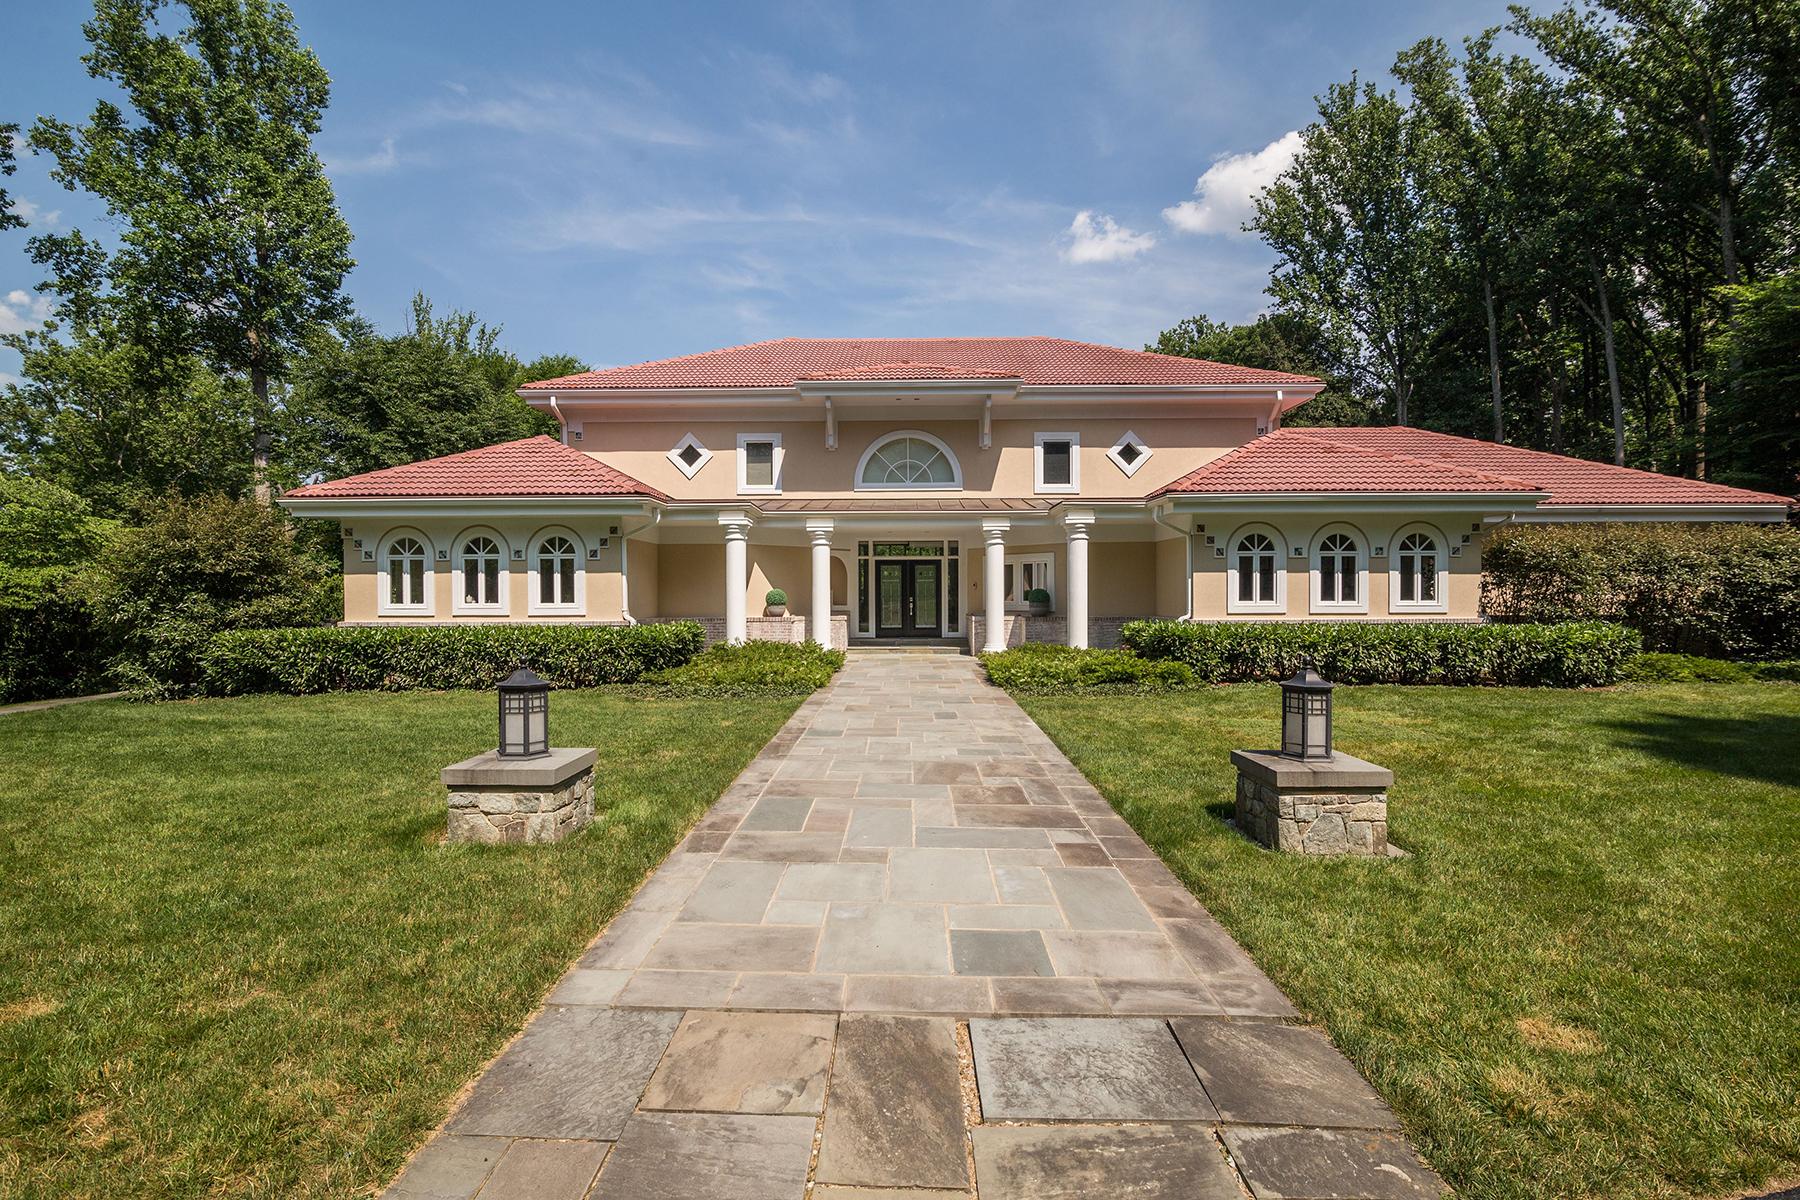 Villa per Vendita alle ore 8513 Horseshoe Lane, Potomac 8513 Horseshoe Ln Potomac, Maryland, 20854 Stati Uniti